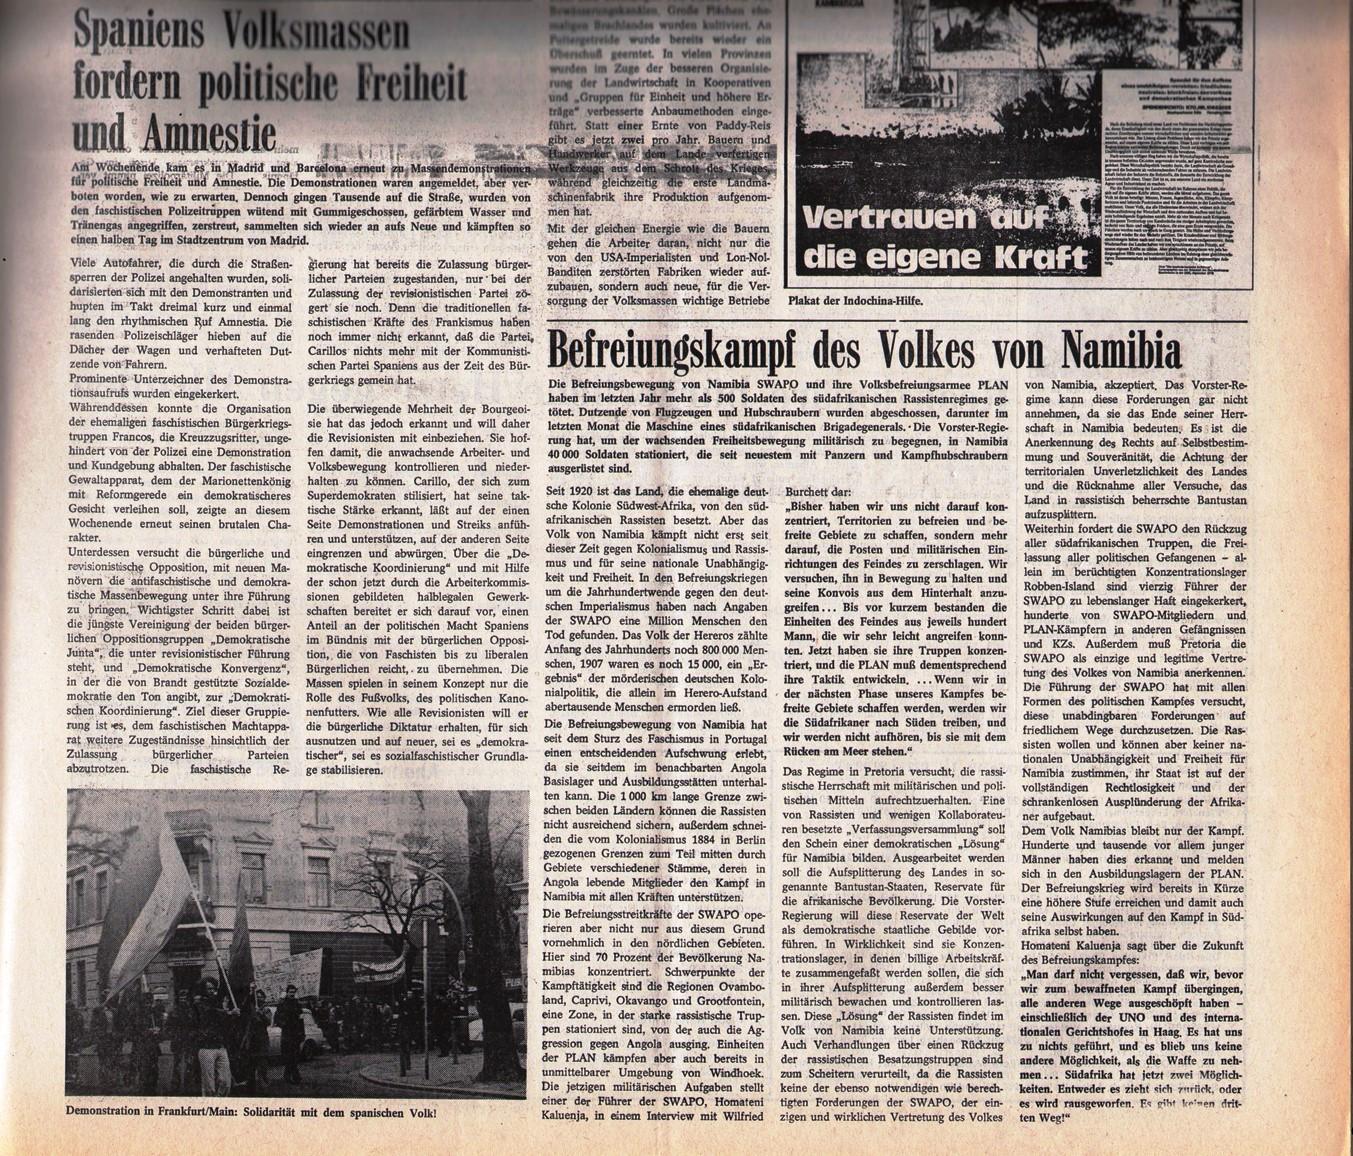 KPD_Rote_Fahne_1976_14_18